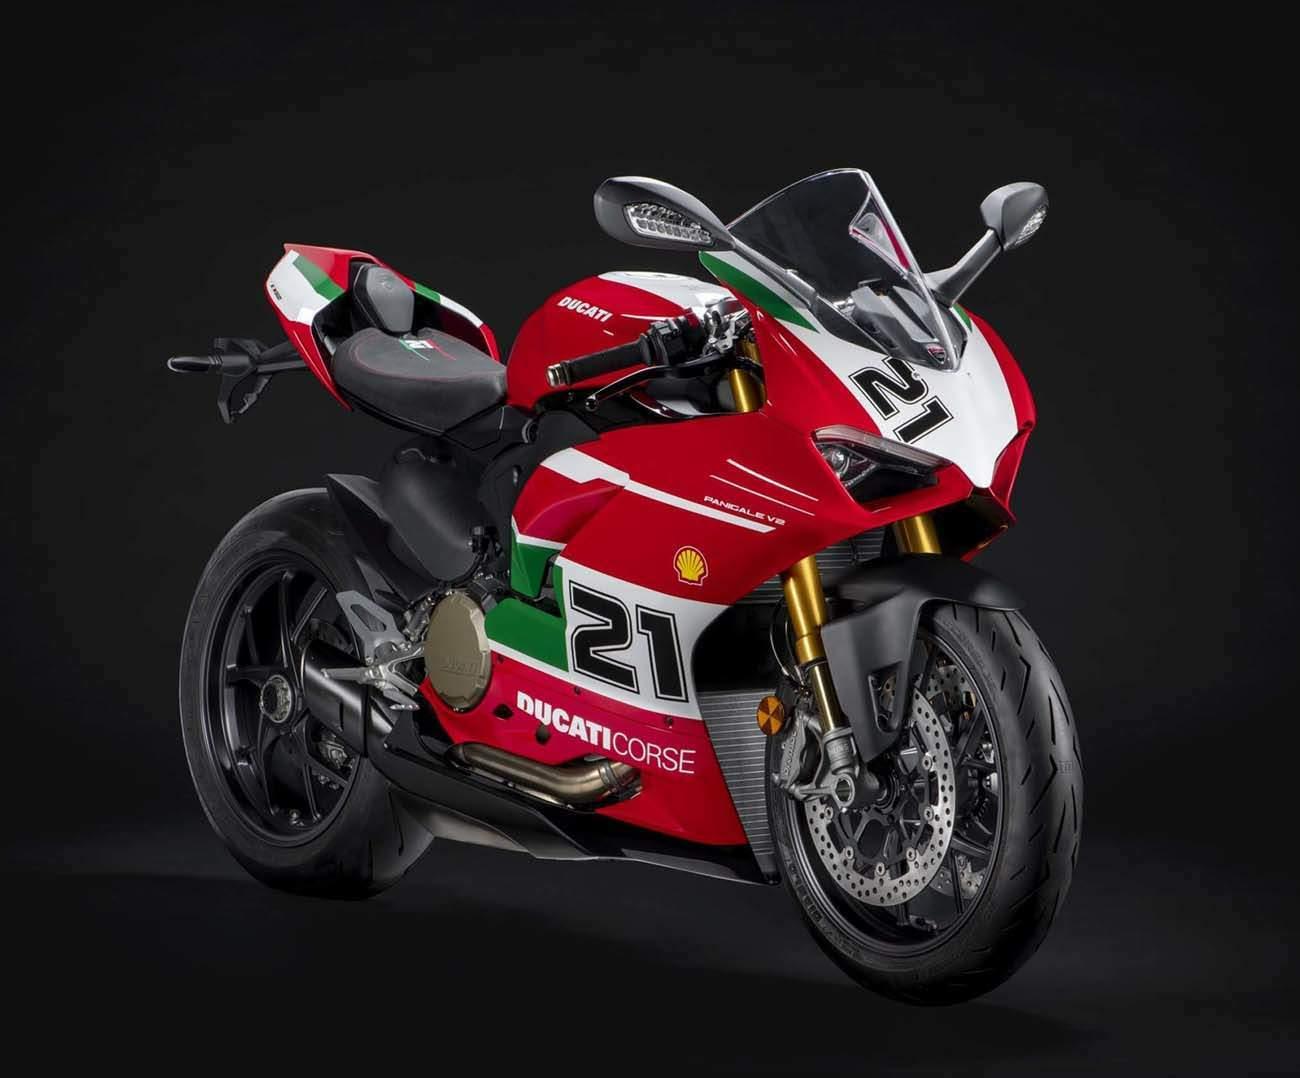 2021 Ducati Panigale V2 Bayliss